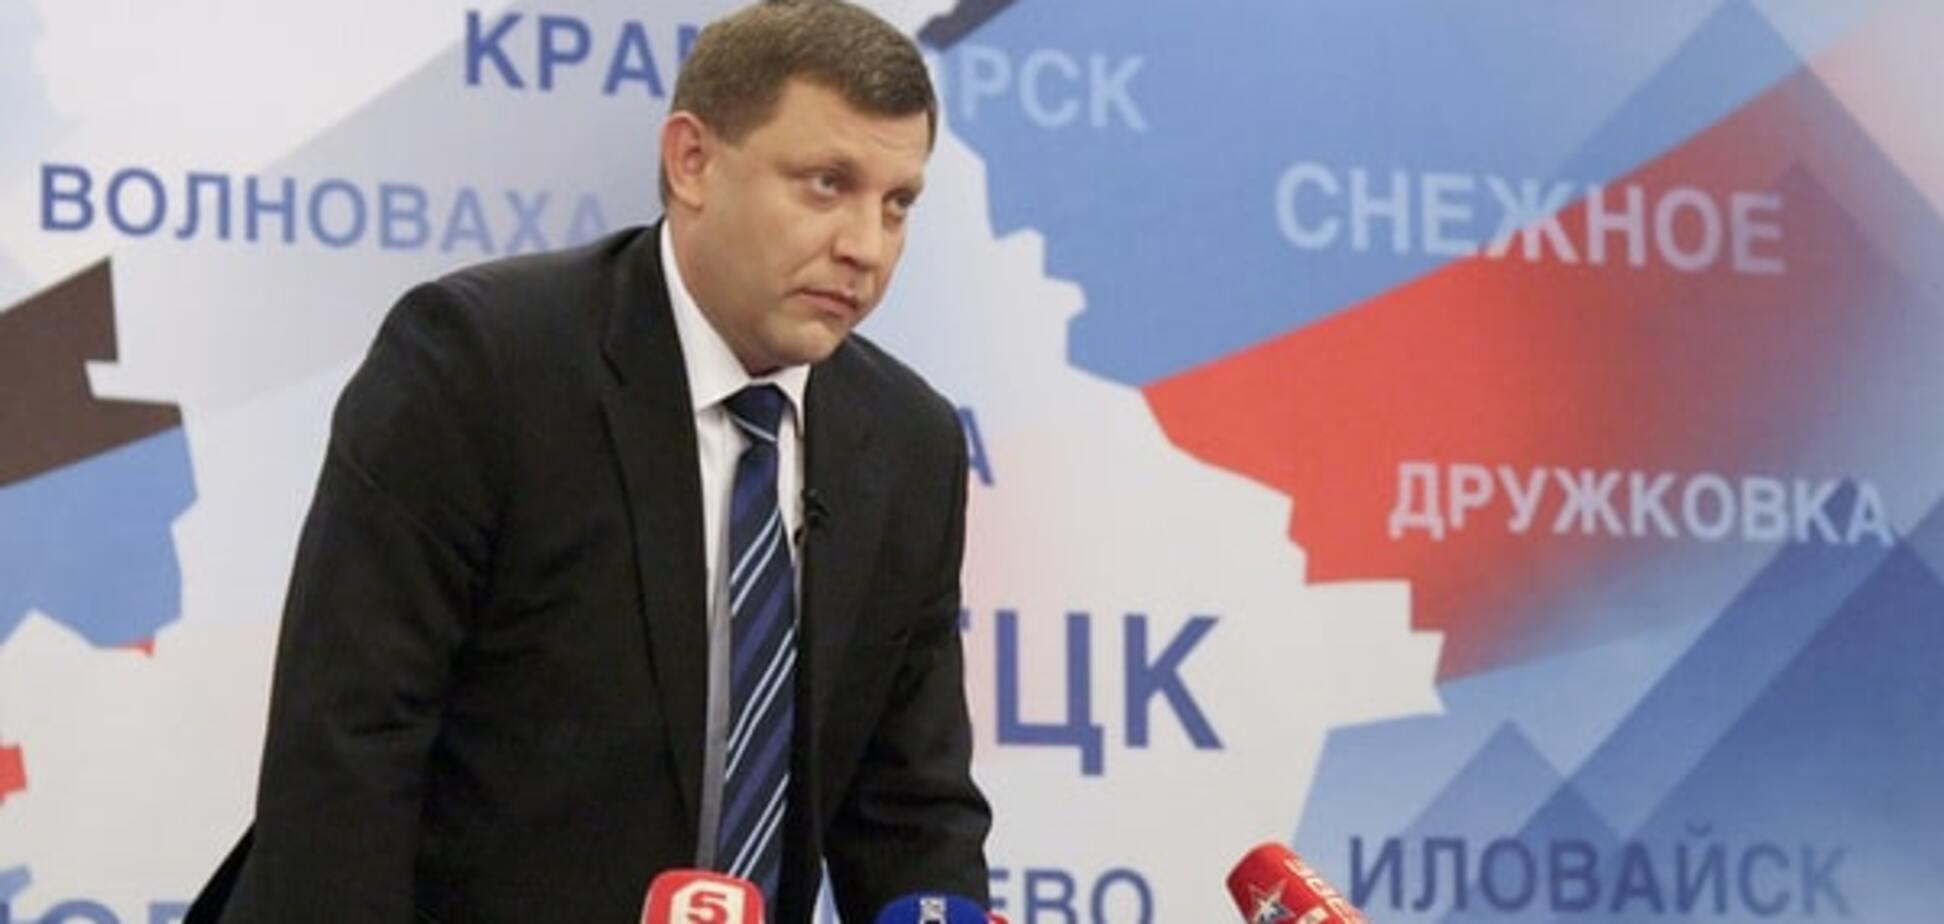 Ватажок 'ДНР' розмріявся про 'незалежність' окупованих територій